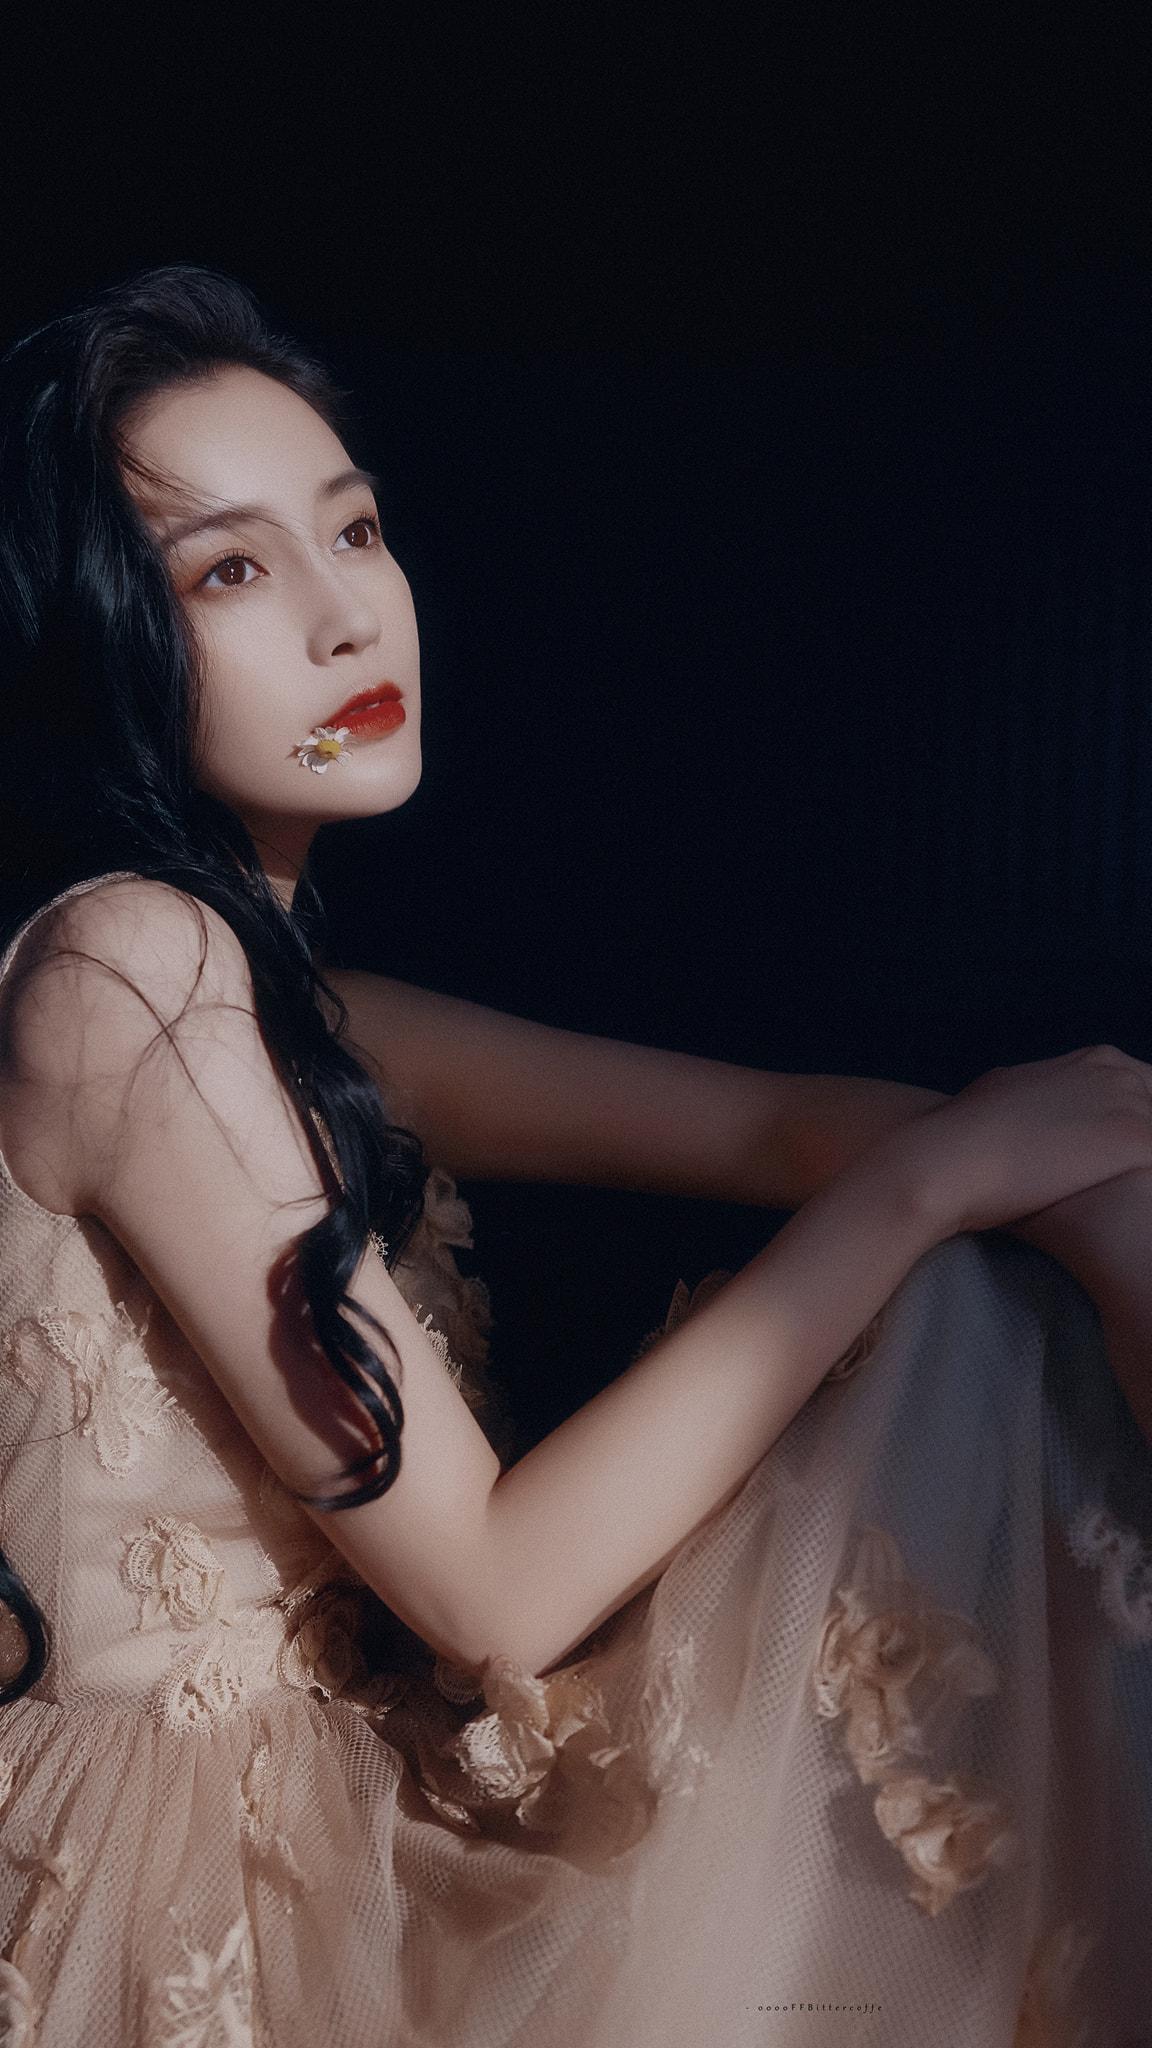 BXH sao nữ Cbiz tháng 7/2021: 'Đỉnh lưu dởm' Dương Tử top 1, Lệ Dĩnh, Diệc Phi vắng bóng 8